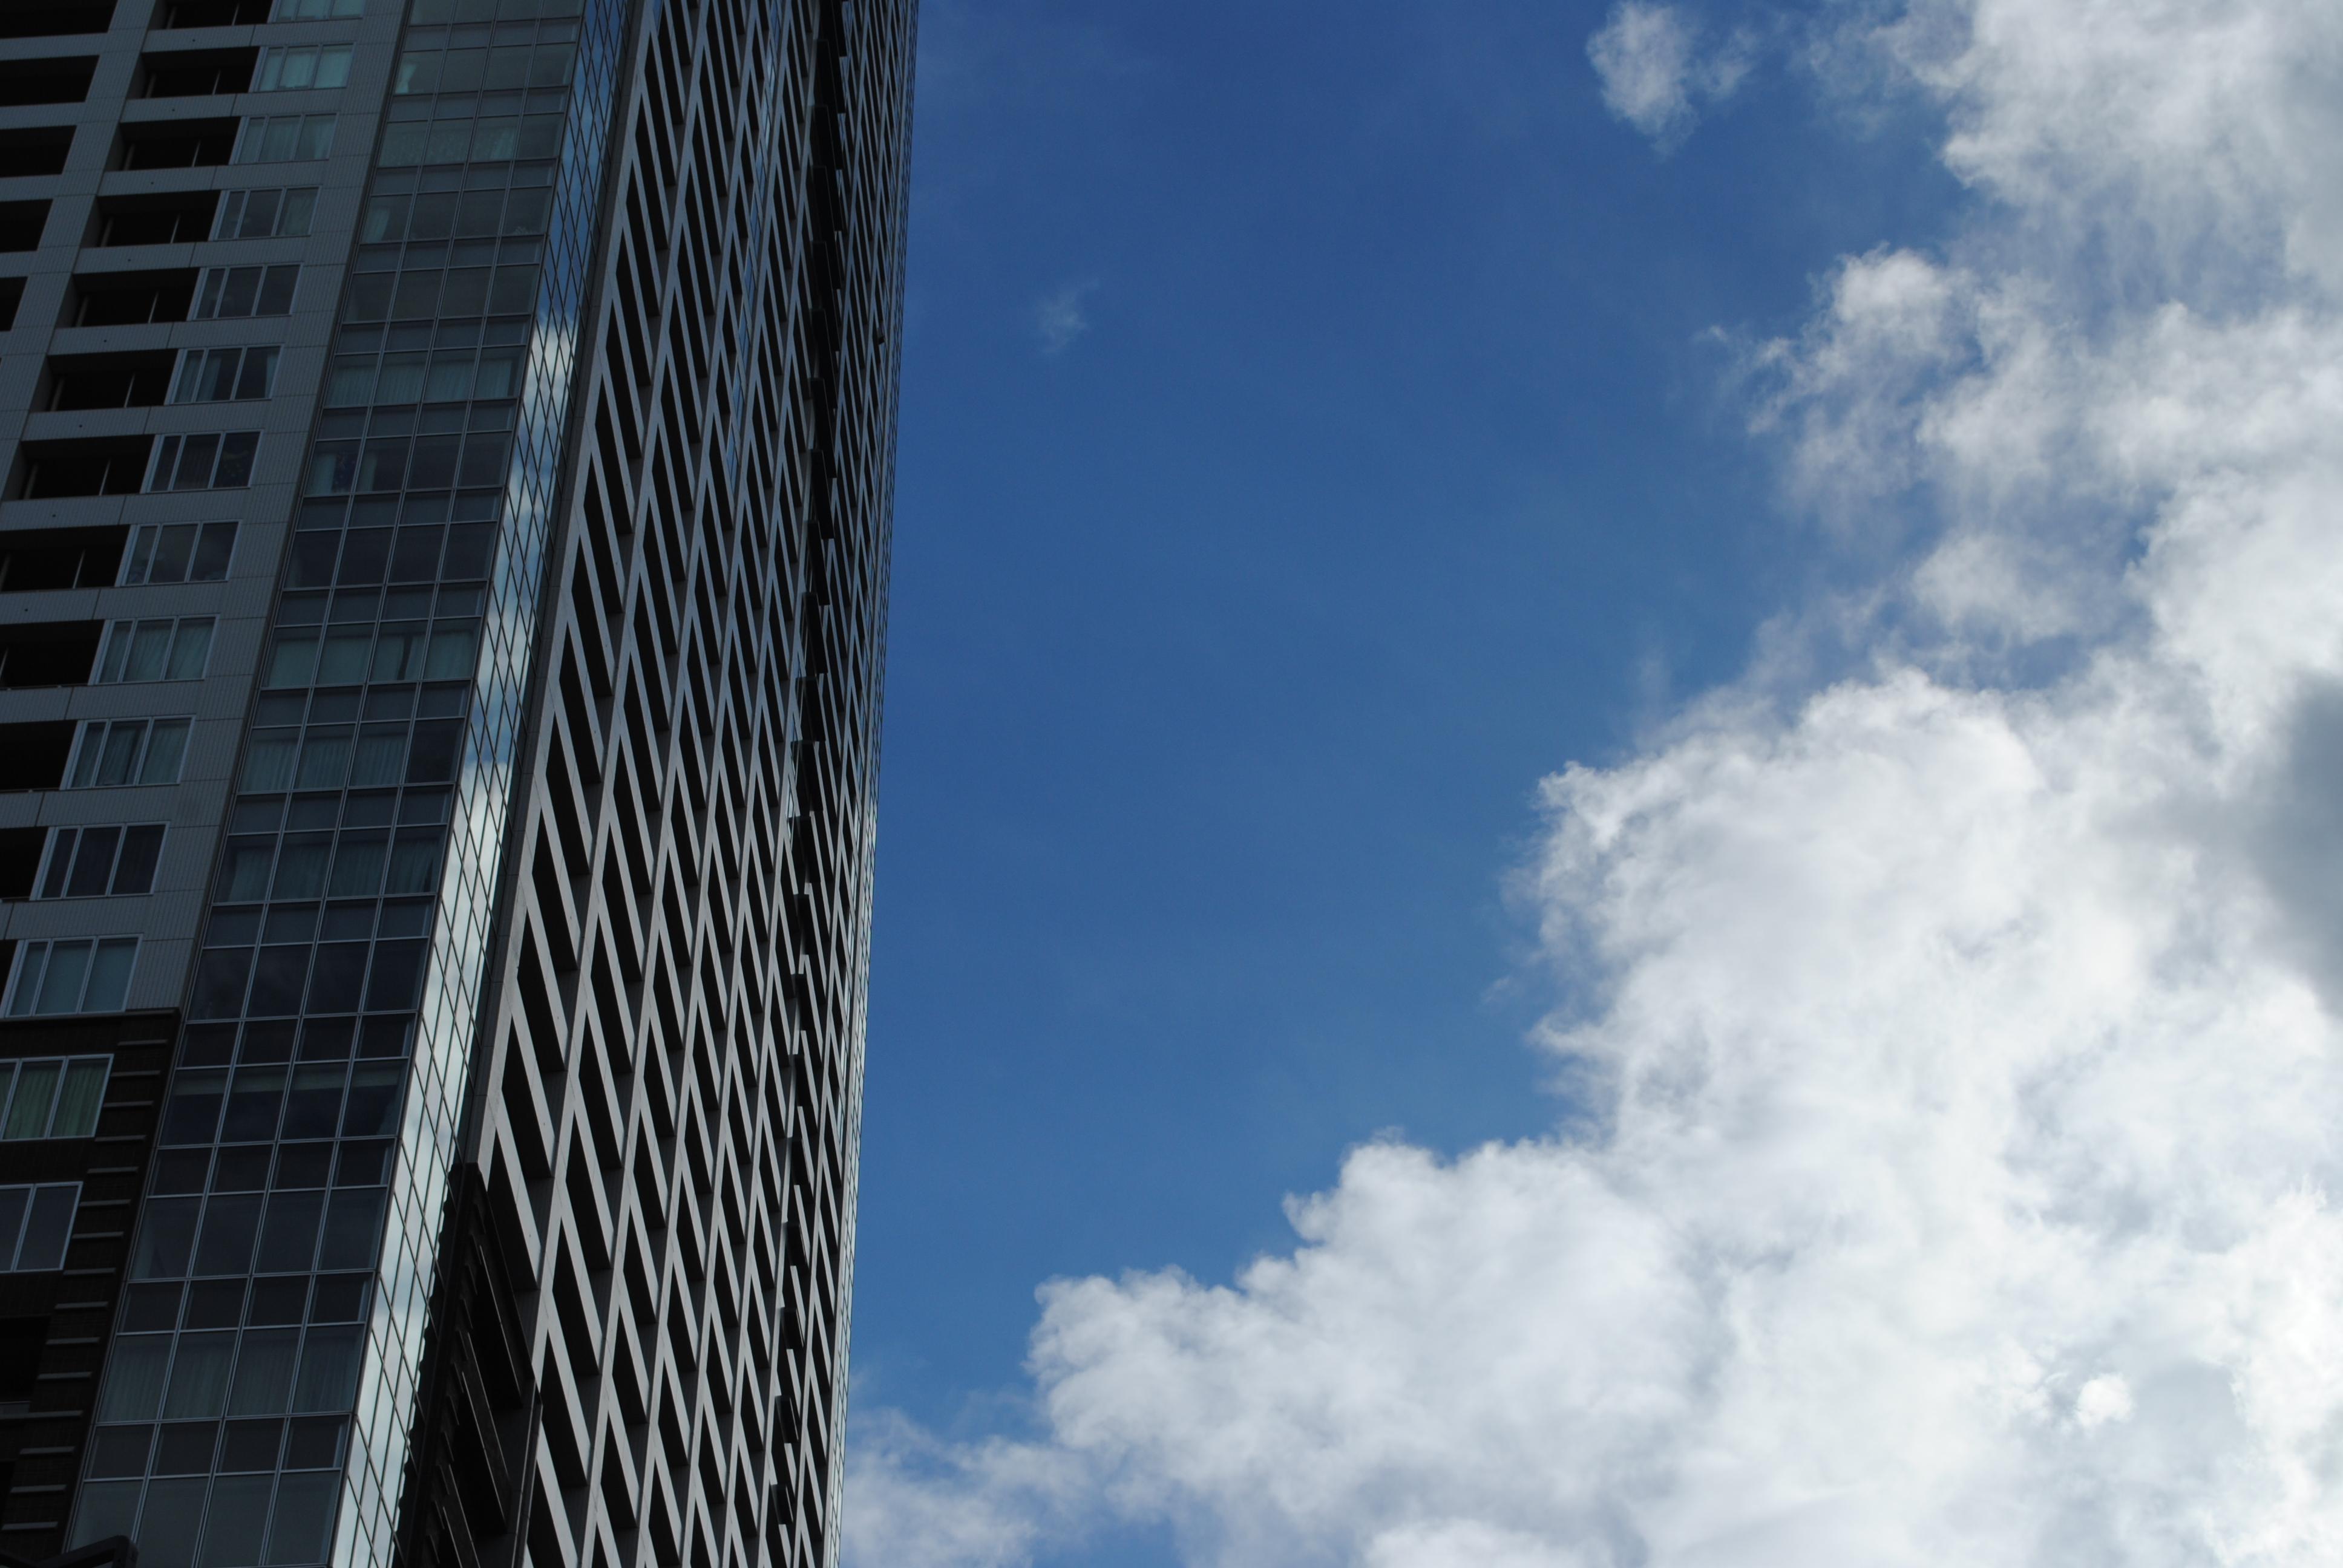 <b>上空はかなりの強風らしく、すごい勢いで雲が飛んでいく。空の青と雲の白のコントラストもものすごい<br>AF-S DX NIKKOR 18-55mm F3.5-5.6 G VR / 3,872×2,592 / 1/400秒 / F10 / -1.3EV / ISO100 / WB:晴天 / 40mm</b>